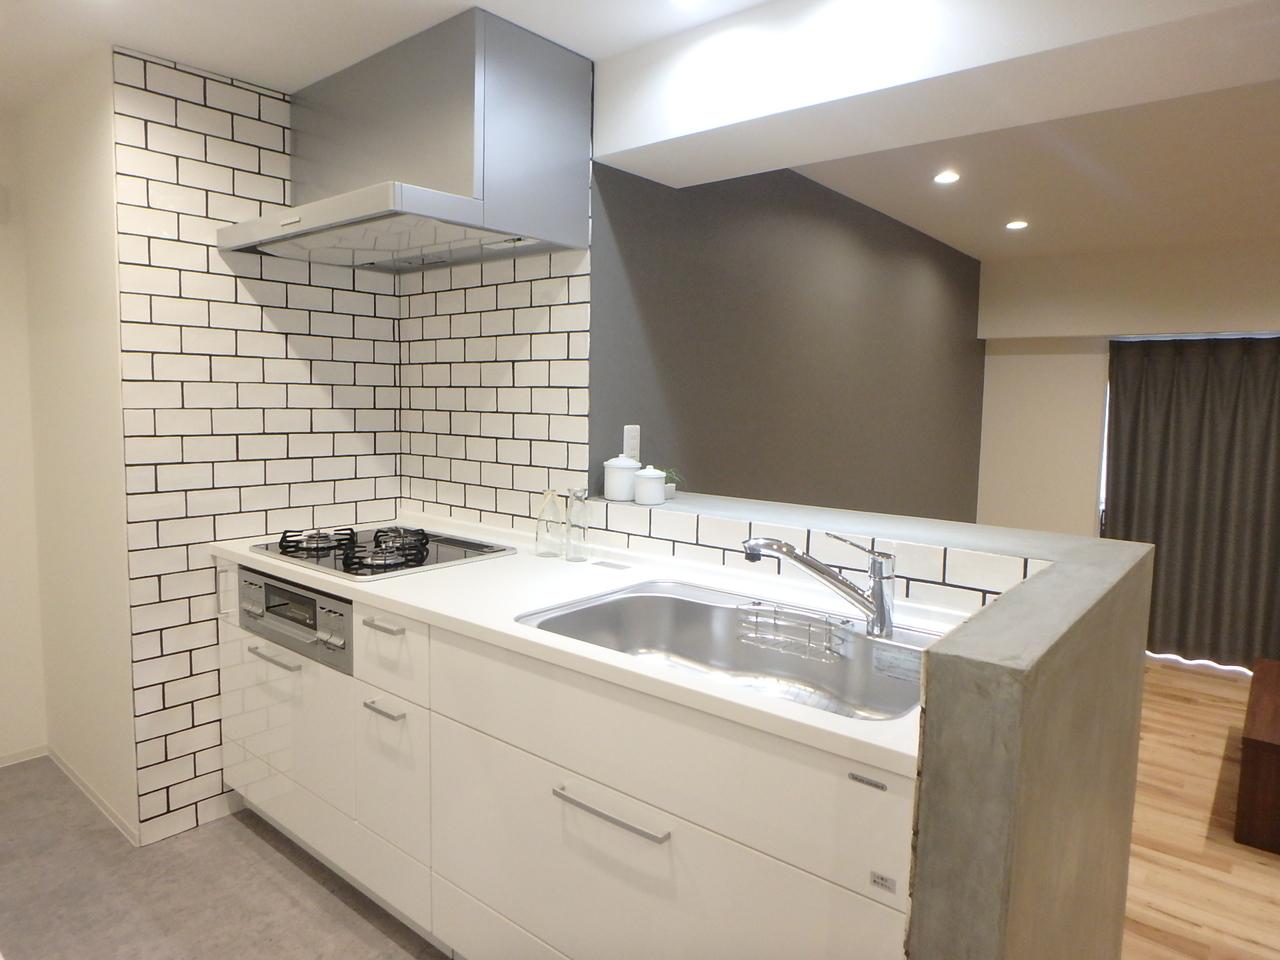 グレー&ホワイトで清潔感のあるキッチン。テレビを見ながら作業が可能。